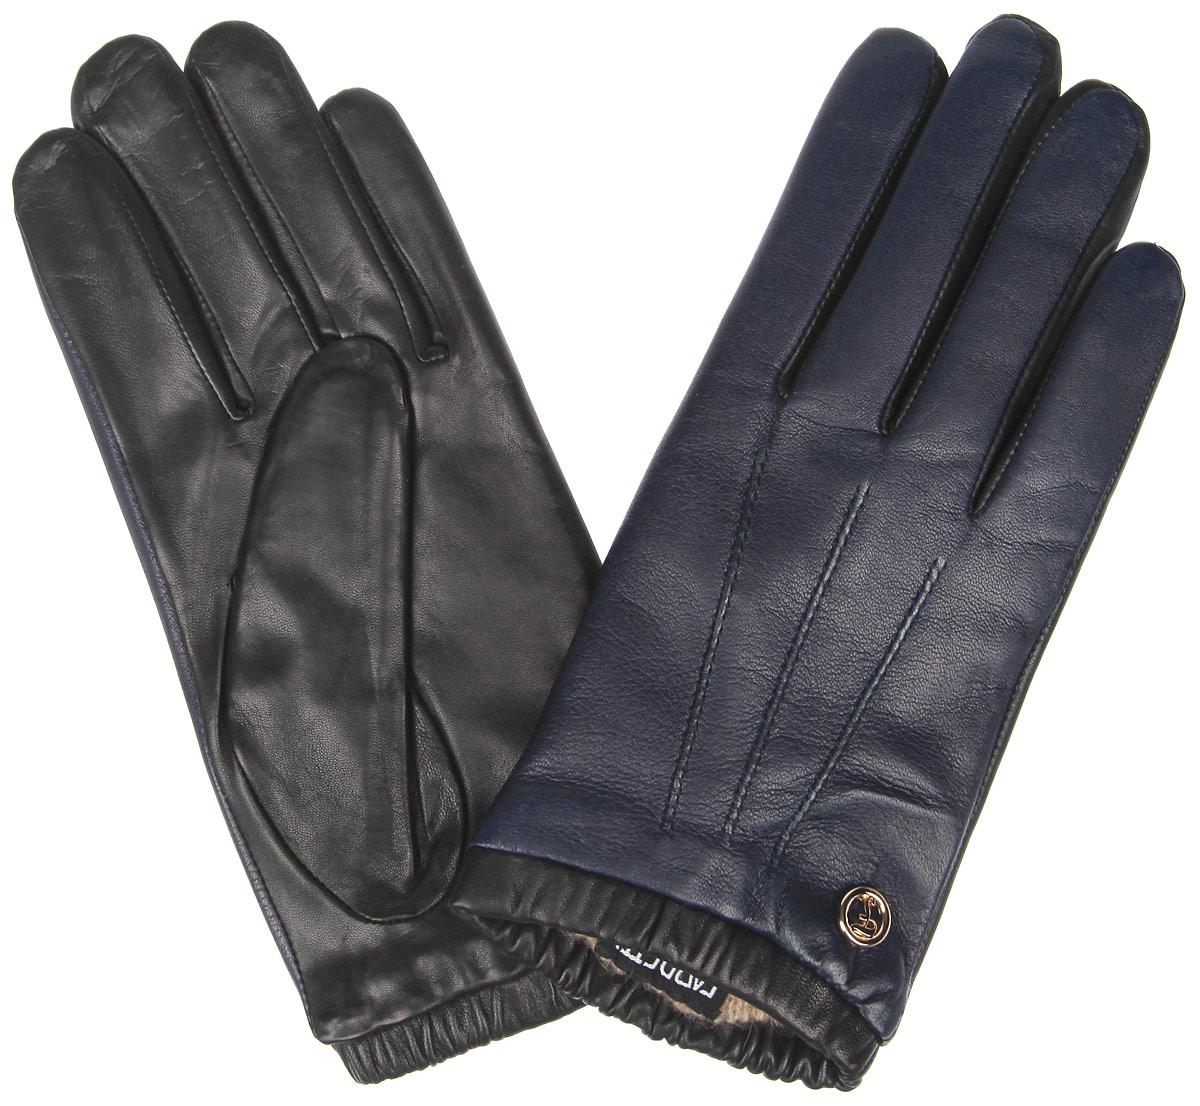 Перчатки женские Fabretti, цвет: темно-синий. 2.29-12. Размер 72.29-12_navyЭлегантные женские перчатки Fabretti станут великолепным дополнением вашего образа и защитят ваши руки от холода и ветра во время прогулок.Перчатки выполнены из натуральной кожи ягненка и имеют подкладку из шерсти с добавлением кашемира, что позволяет им надежно сохранять тепло. Модель оснащена эластичной резинкой на запястье и оформлена декоративной отстрочкой с внешней стороны. Украшено изделие небольшим декоративным элементом с логотипом бренда. Такие перчатки будут оригинальным завершающим штрихом в создании современного модного образа, они подчеркнут ваш изысканный вкус и станут незаменимым и практичным аксессуаром.